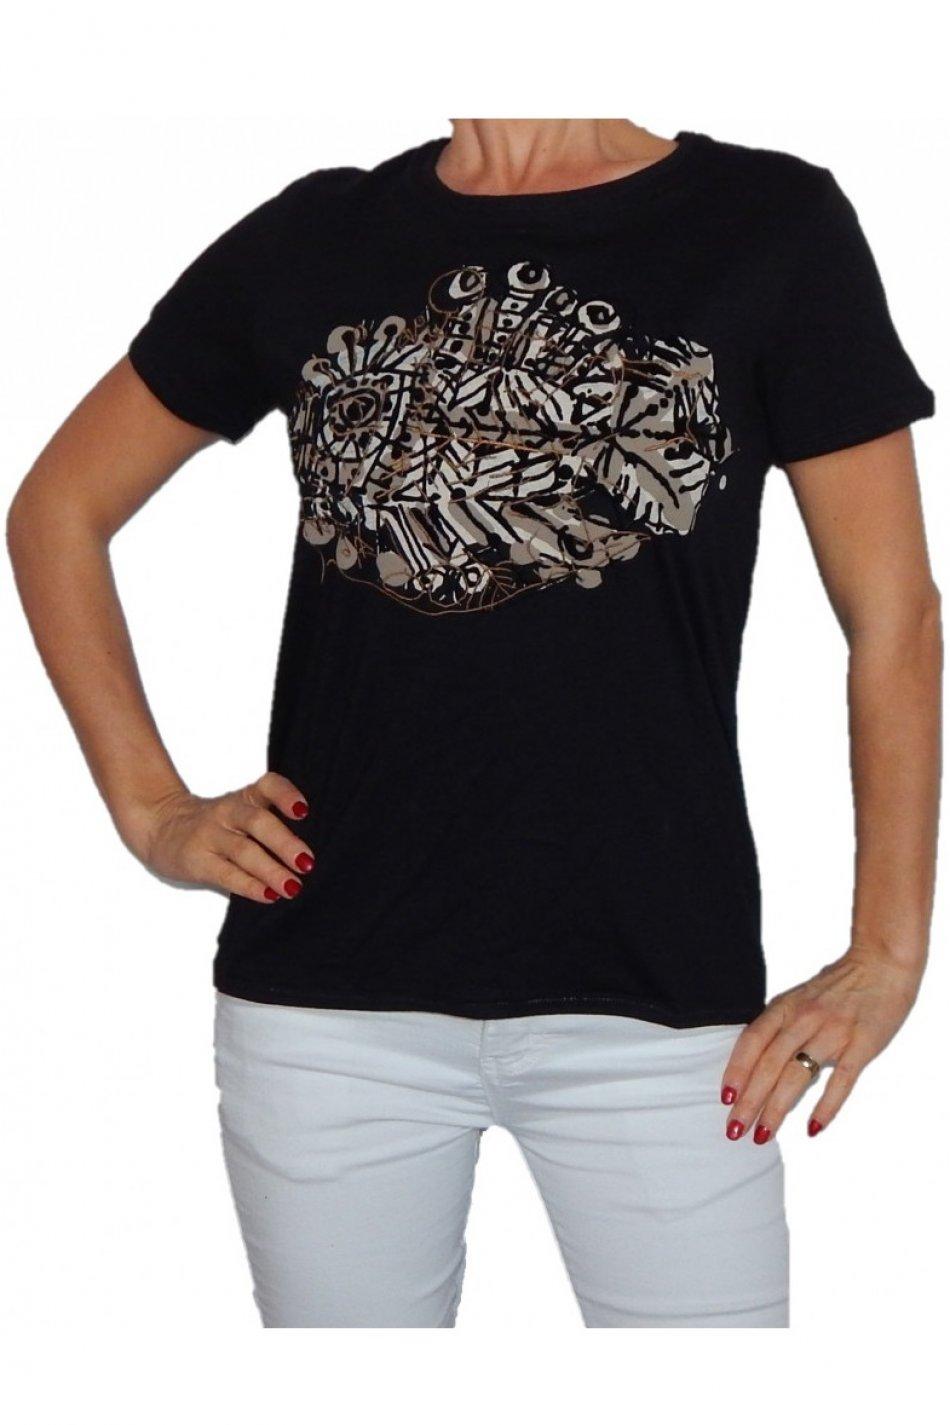 Bluza, Desigual, Negru cu print colorat, L EU